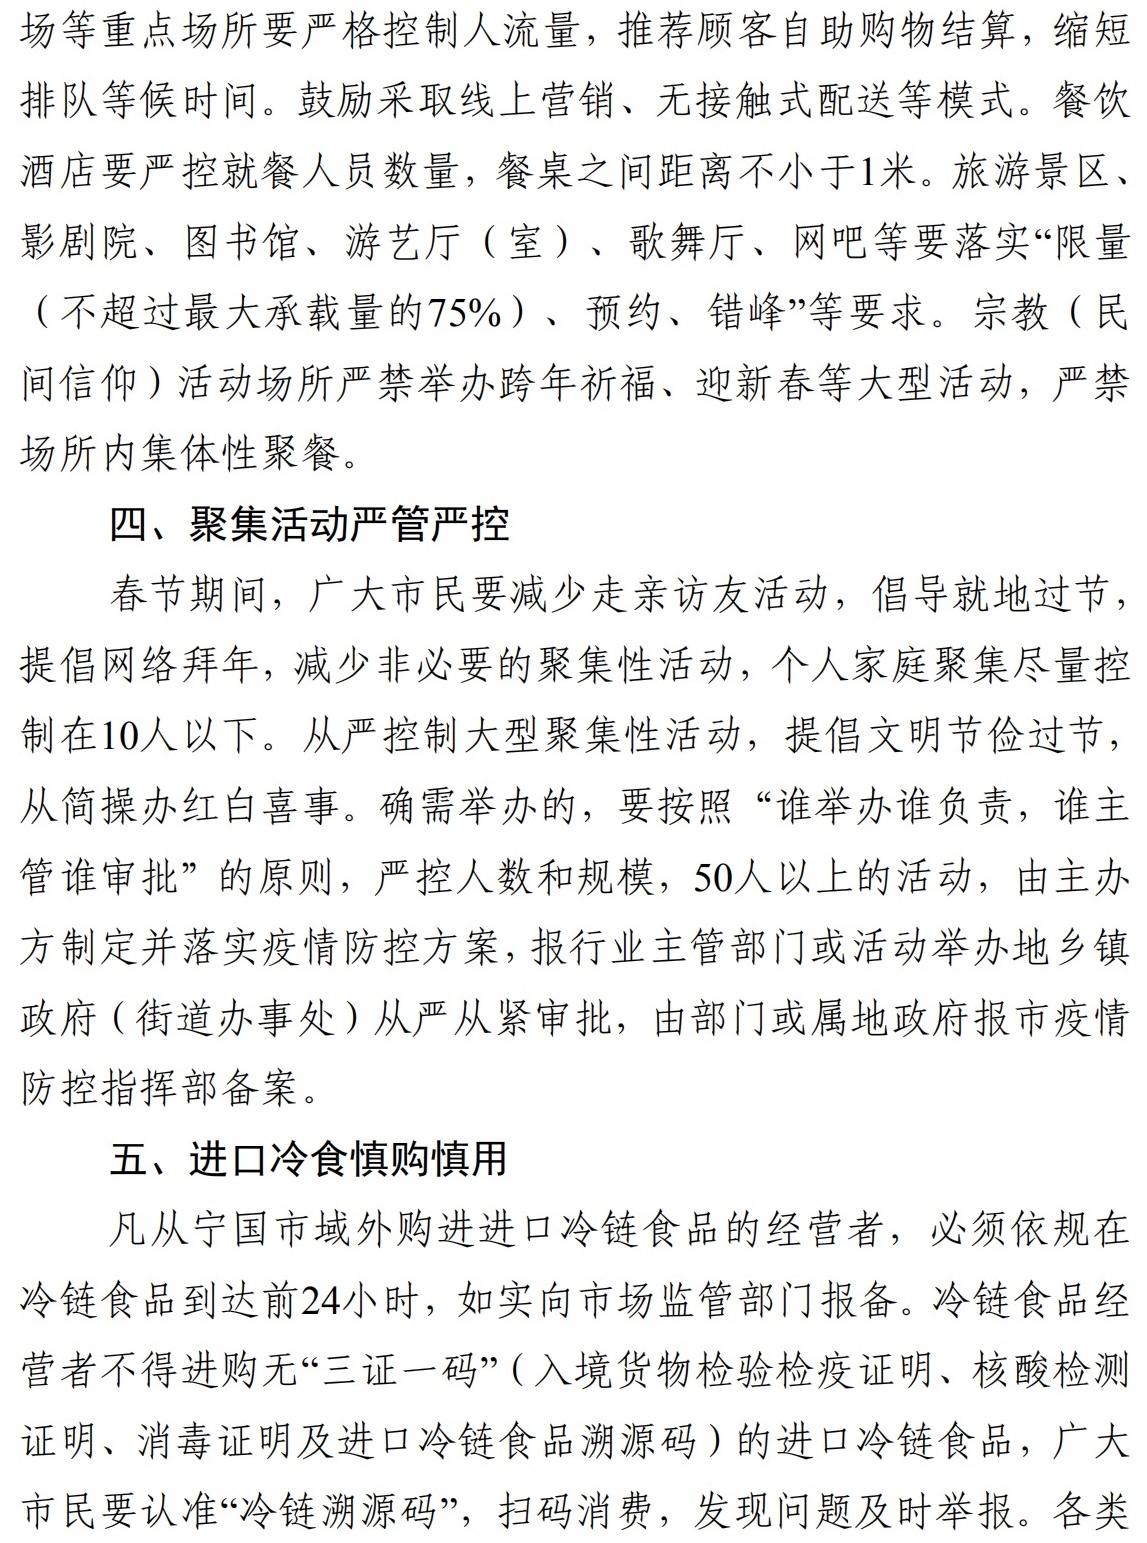 关于春节期间新冠疫情防控工作的通告 - 宁国论坛 - 3.jpg